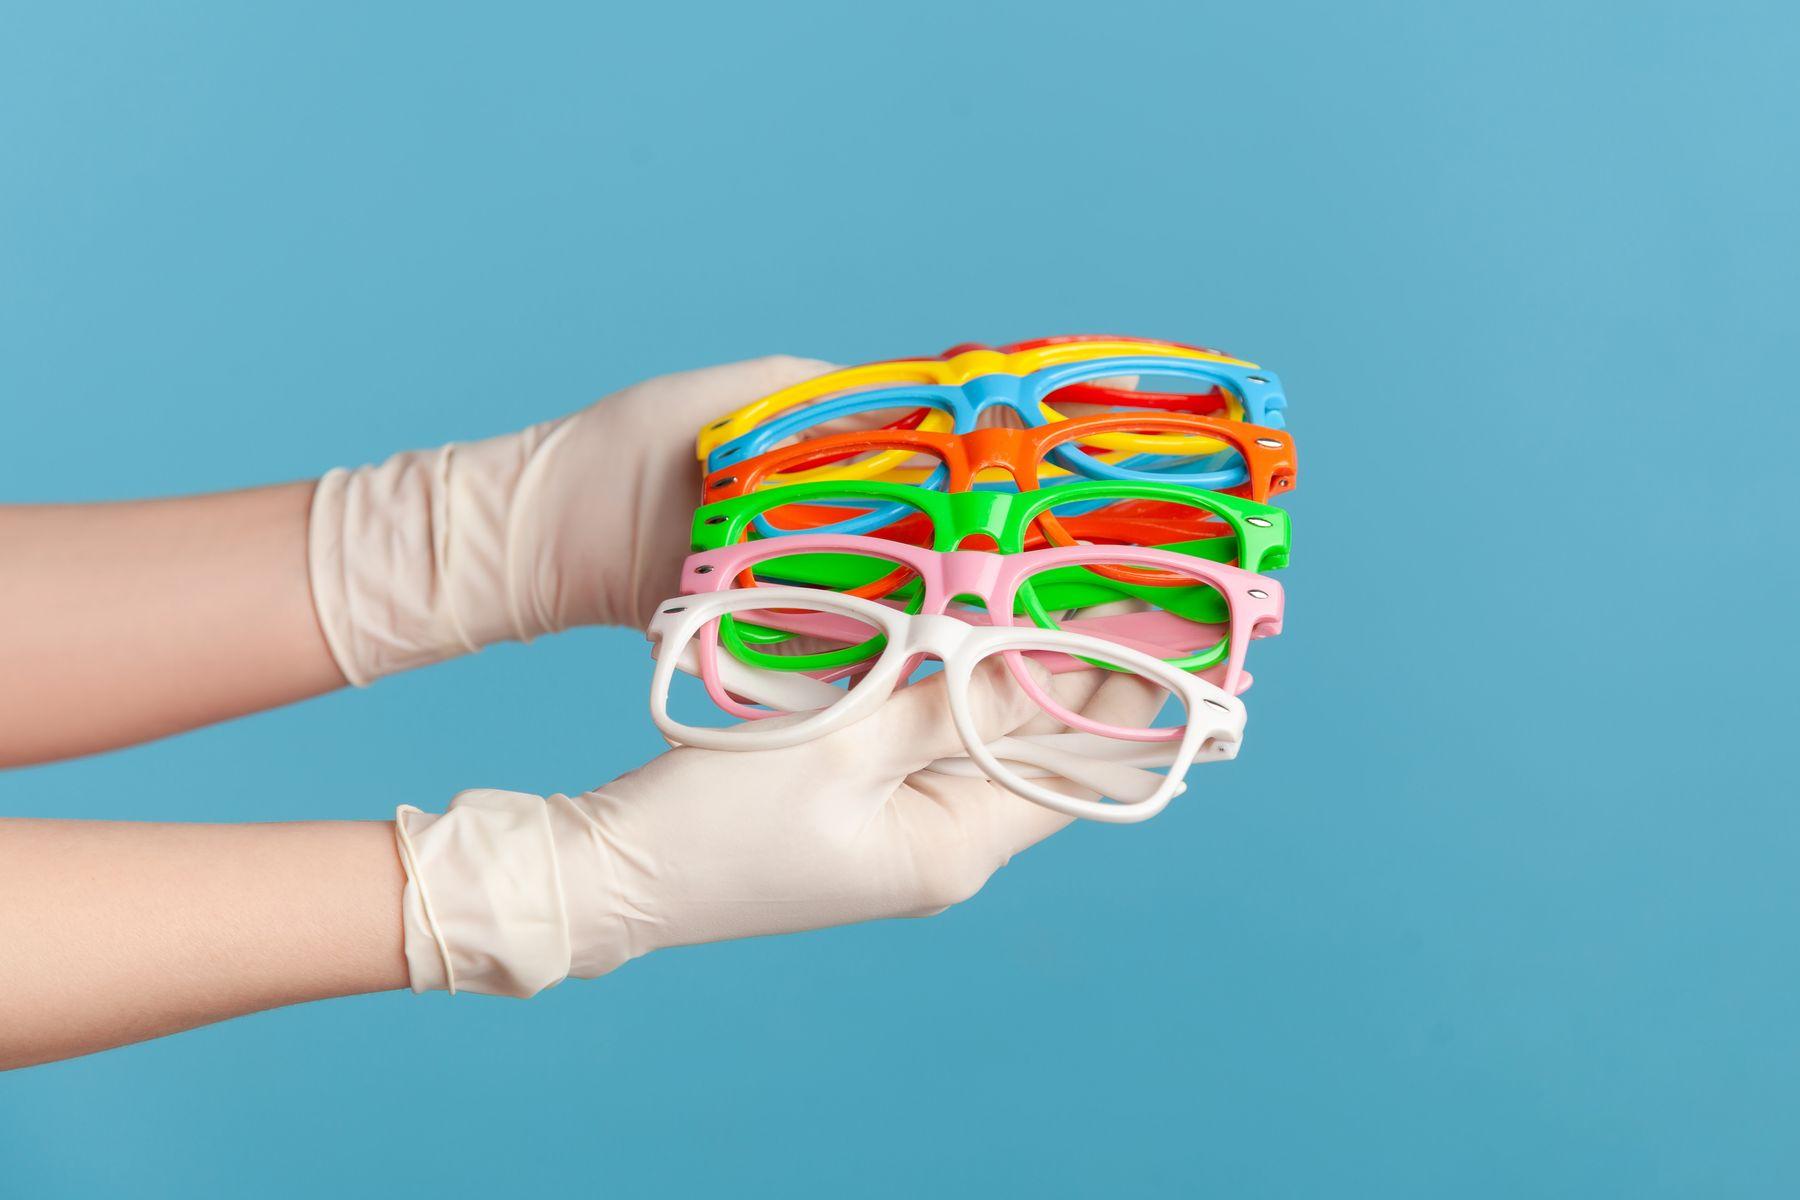 Mão segurando diversos óculos coloridos contra fundo azul